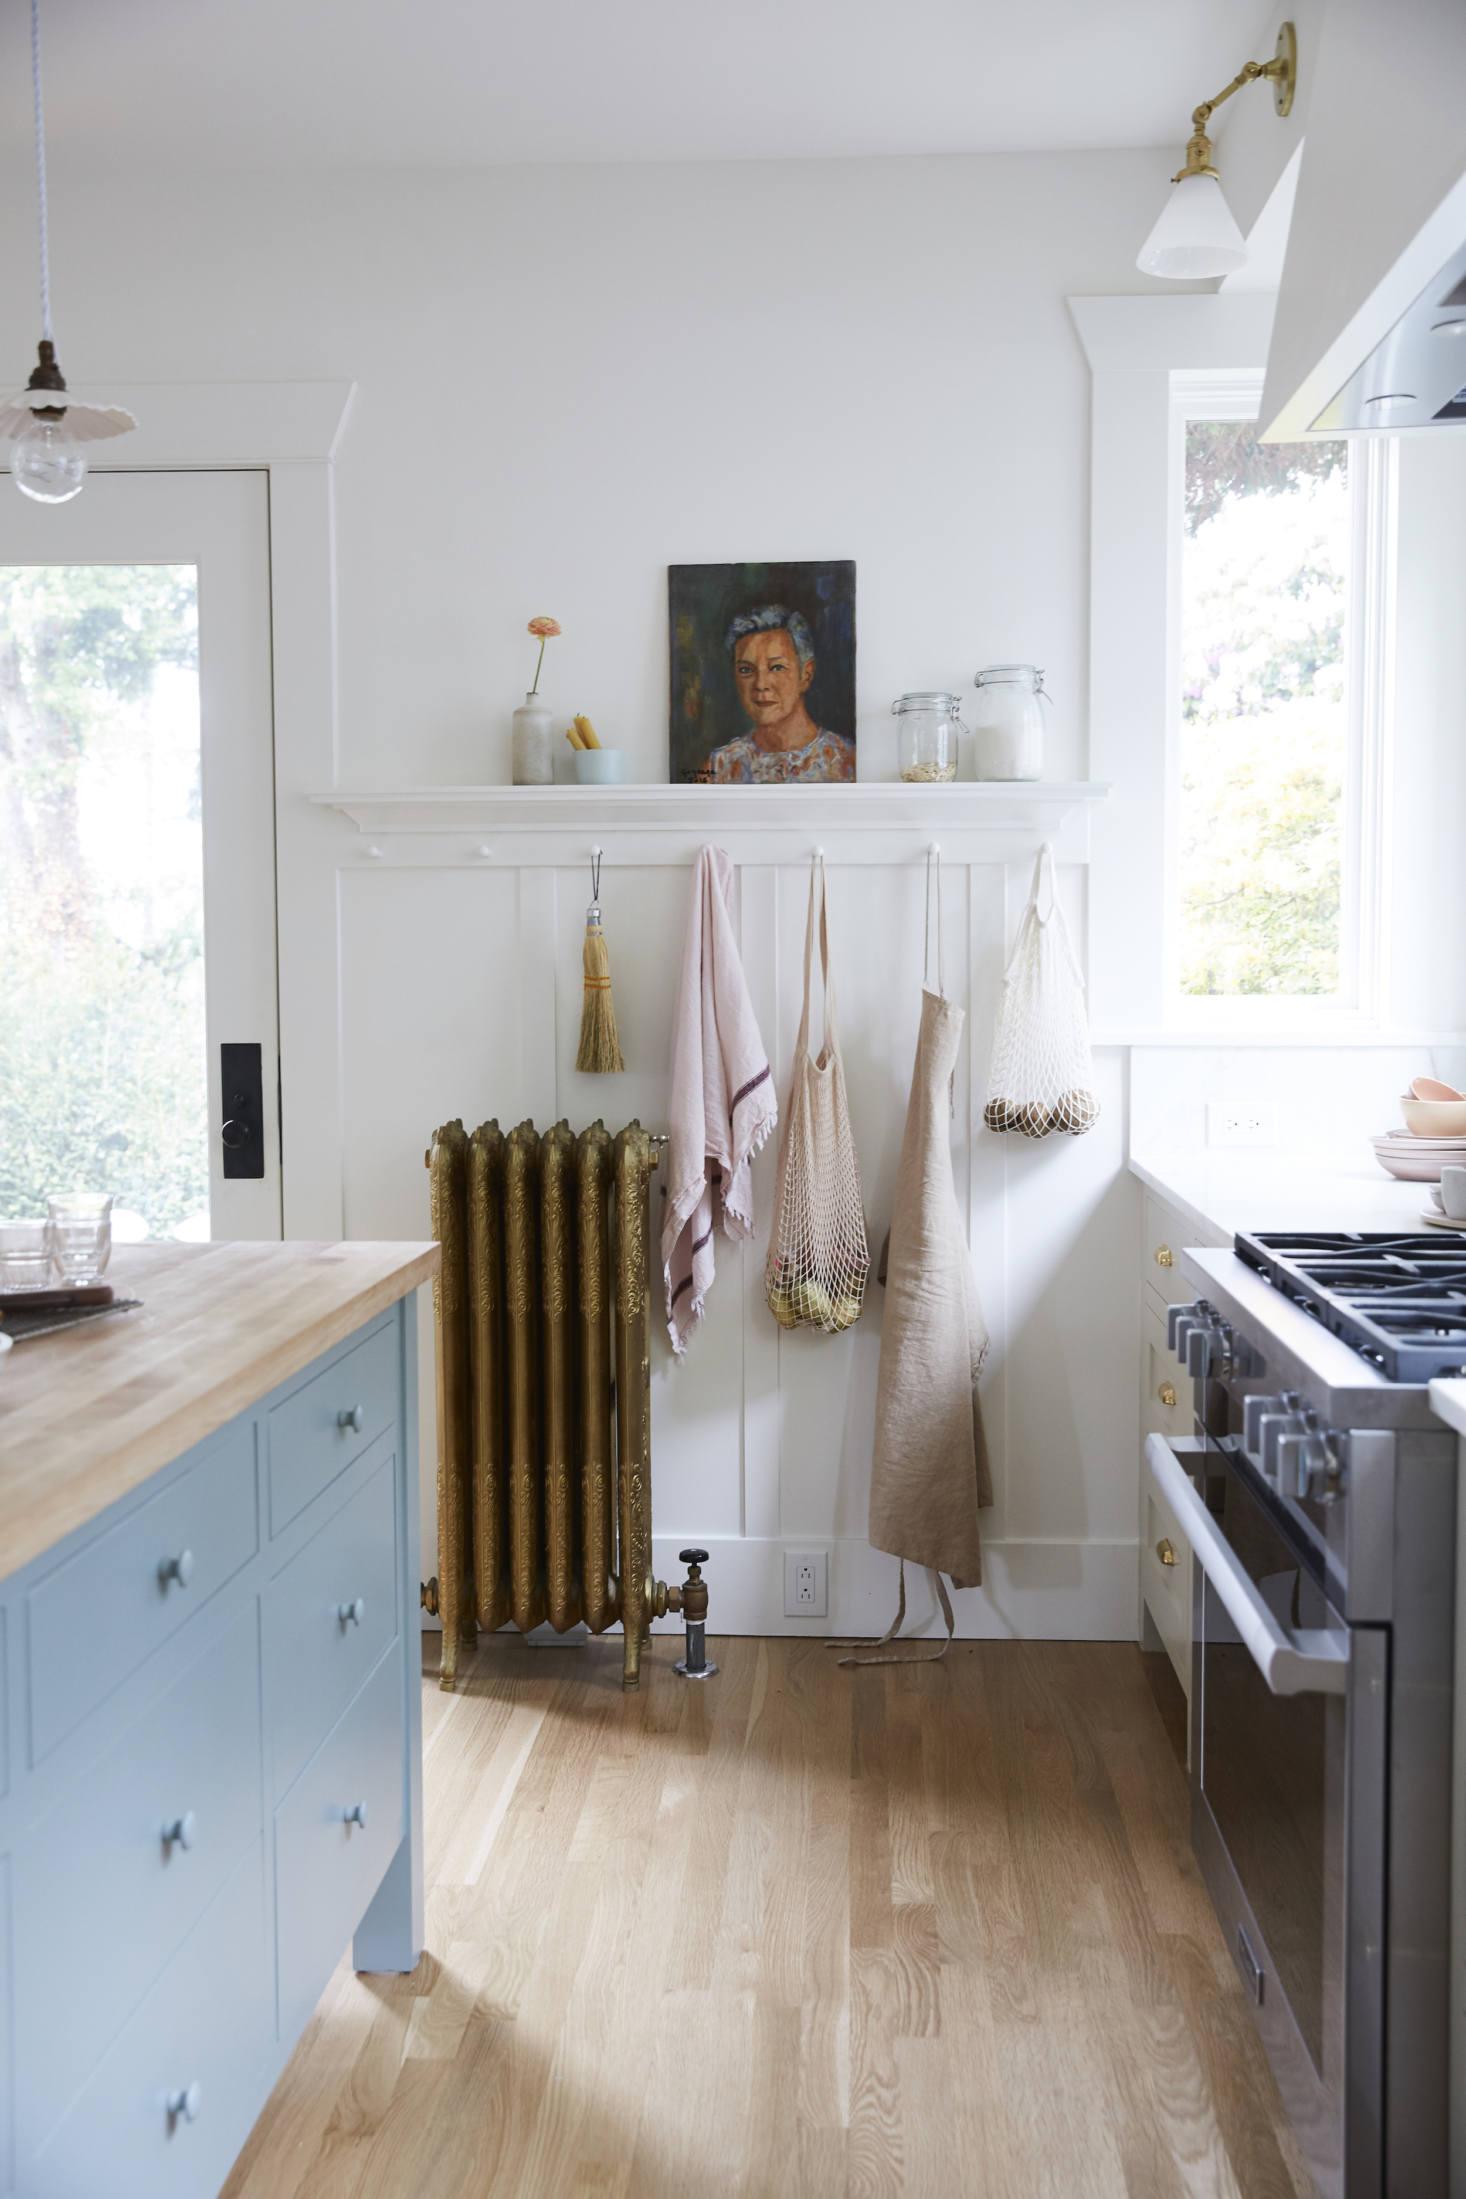 white oak floors katie-hackworth-aran-goyoaga-seattle-kitchen-art-1466x2199.jpg